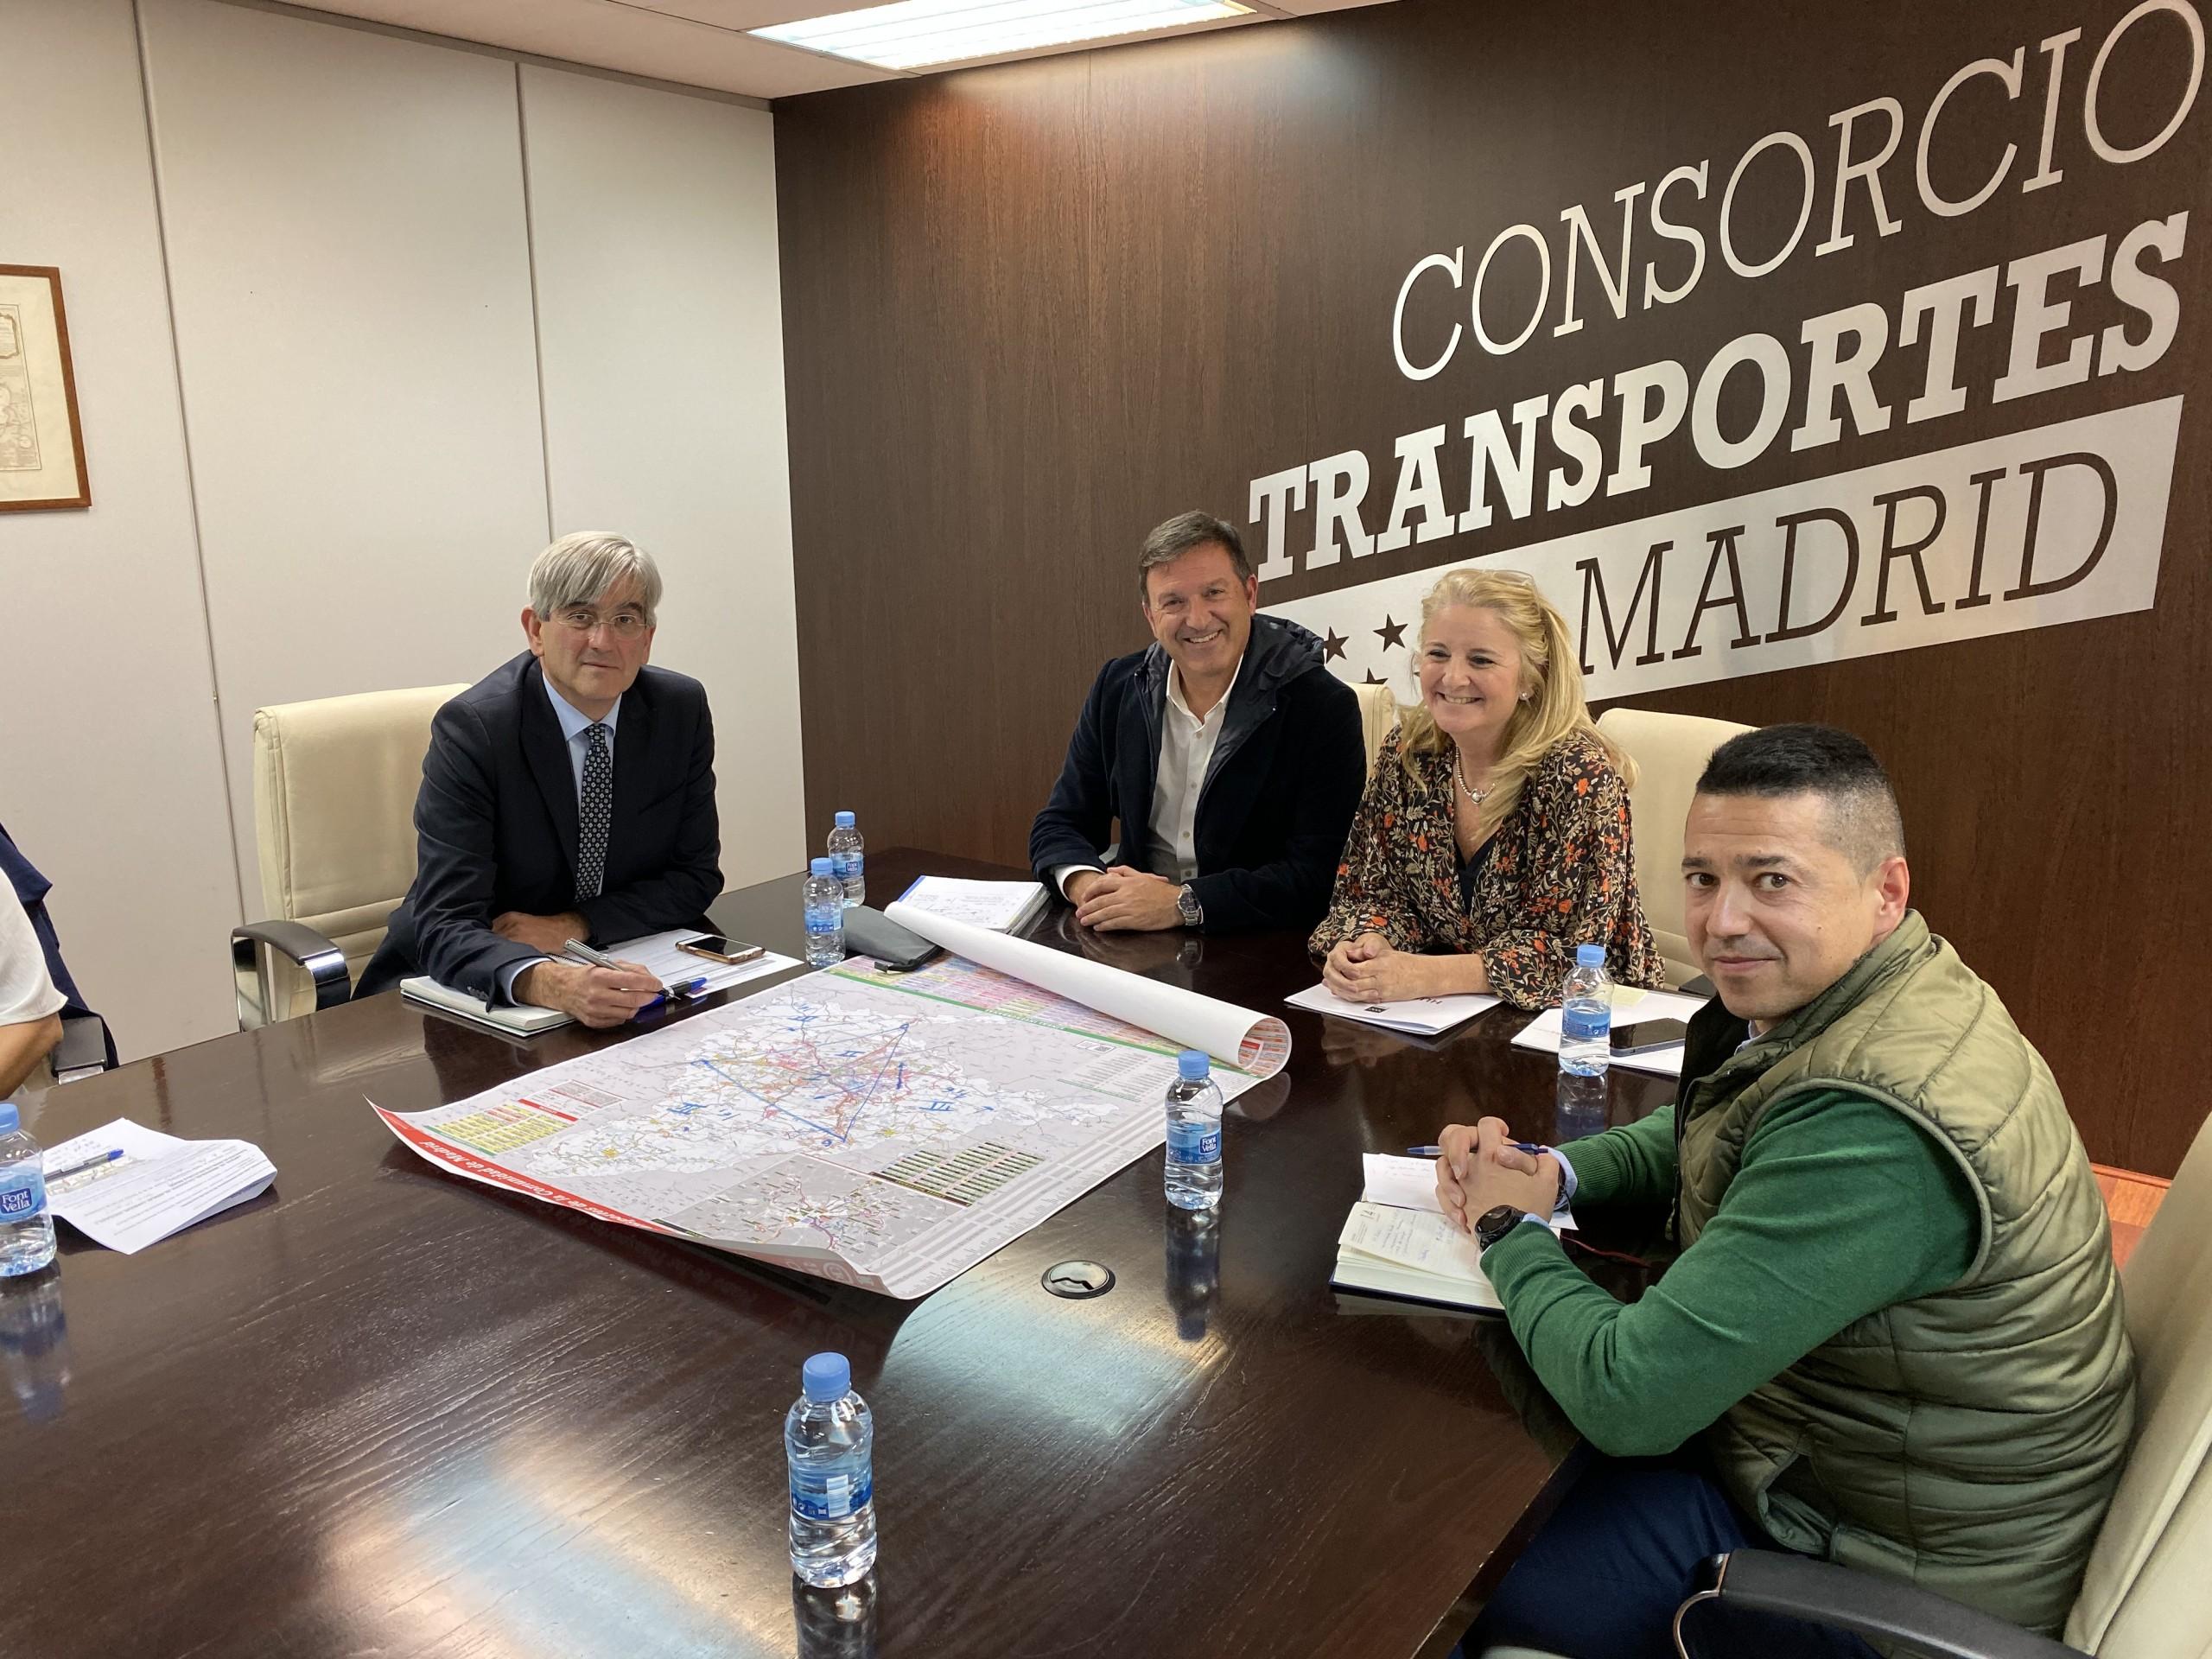 El alcalde se reúne en el Consorcio de Transportes para abordar asuntos que afectan a Humanes de Madrid.